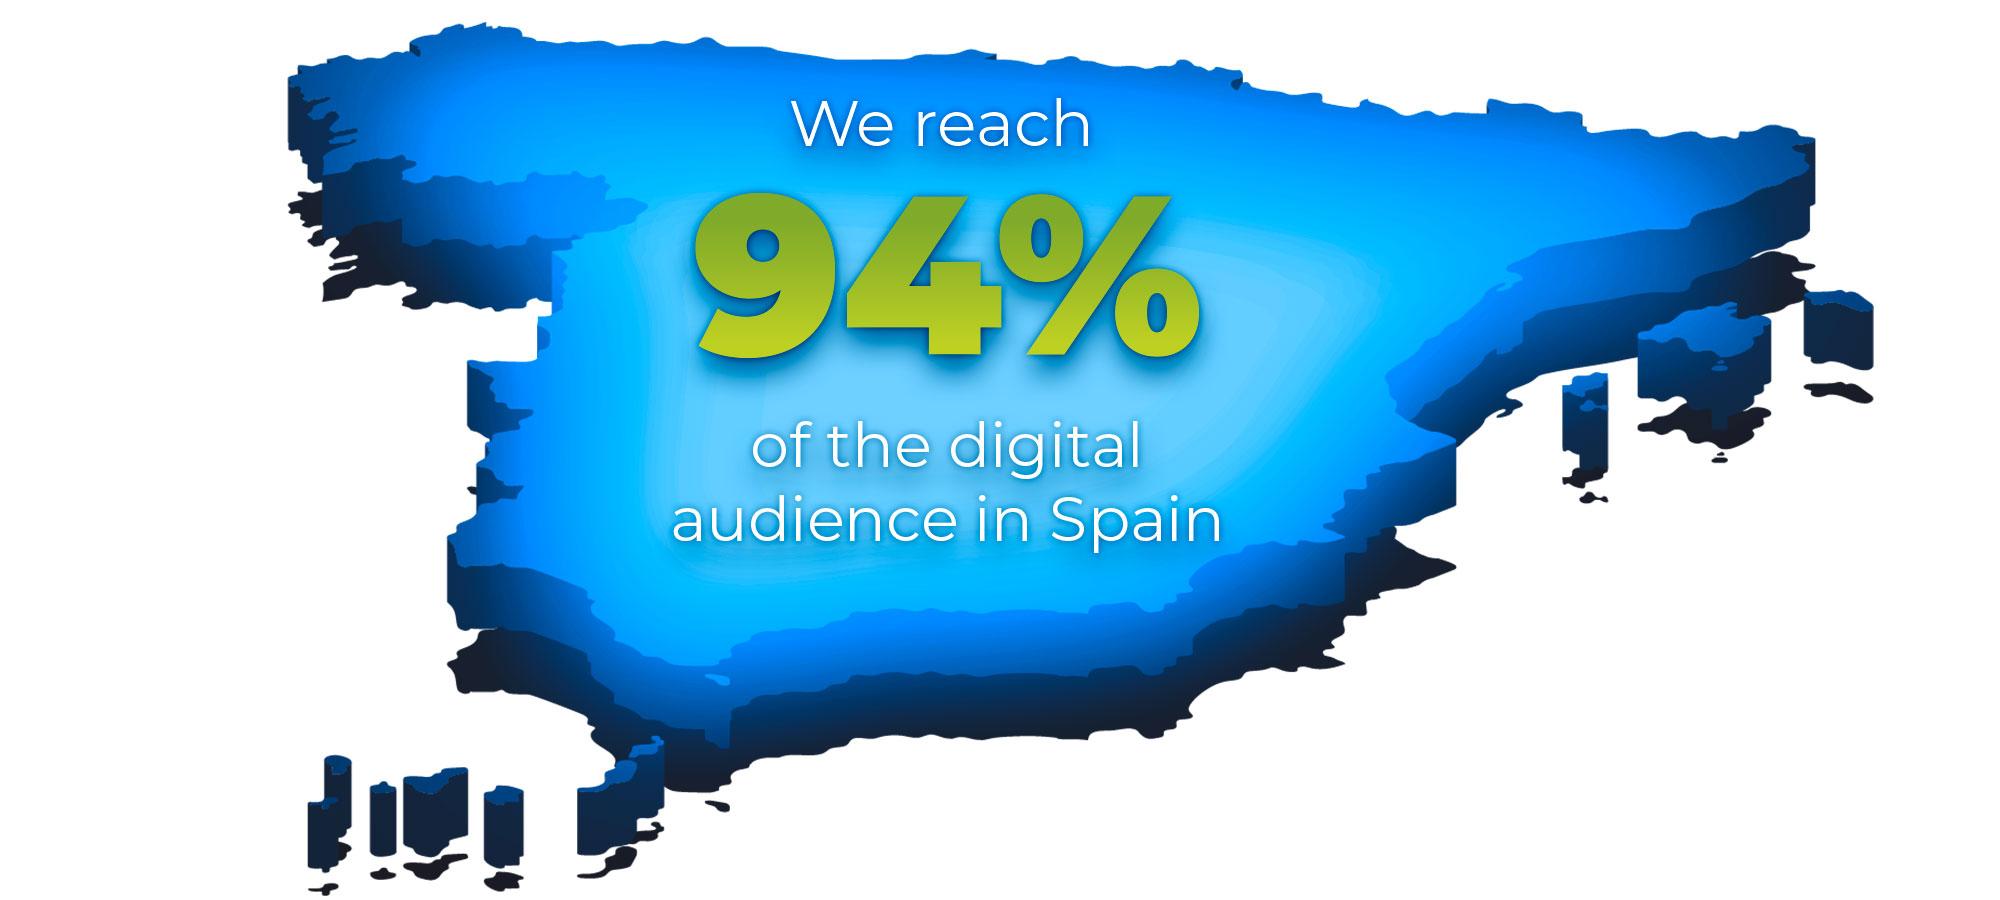 We reach 94% of the digital audience in Spain